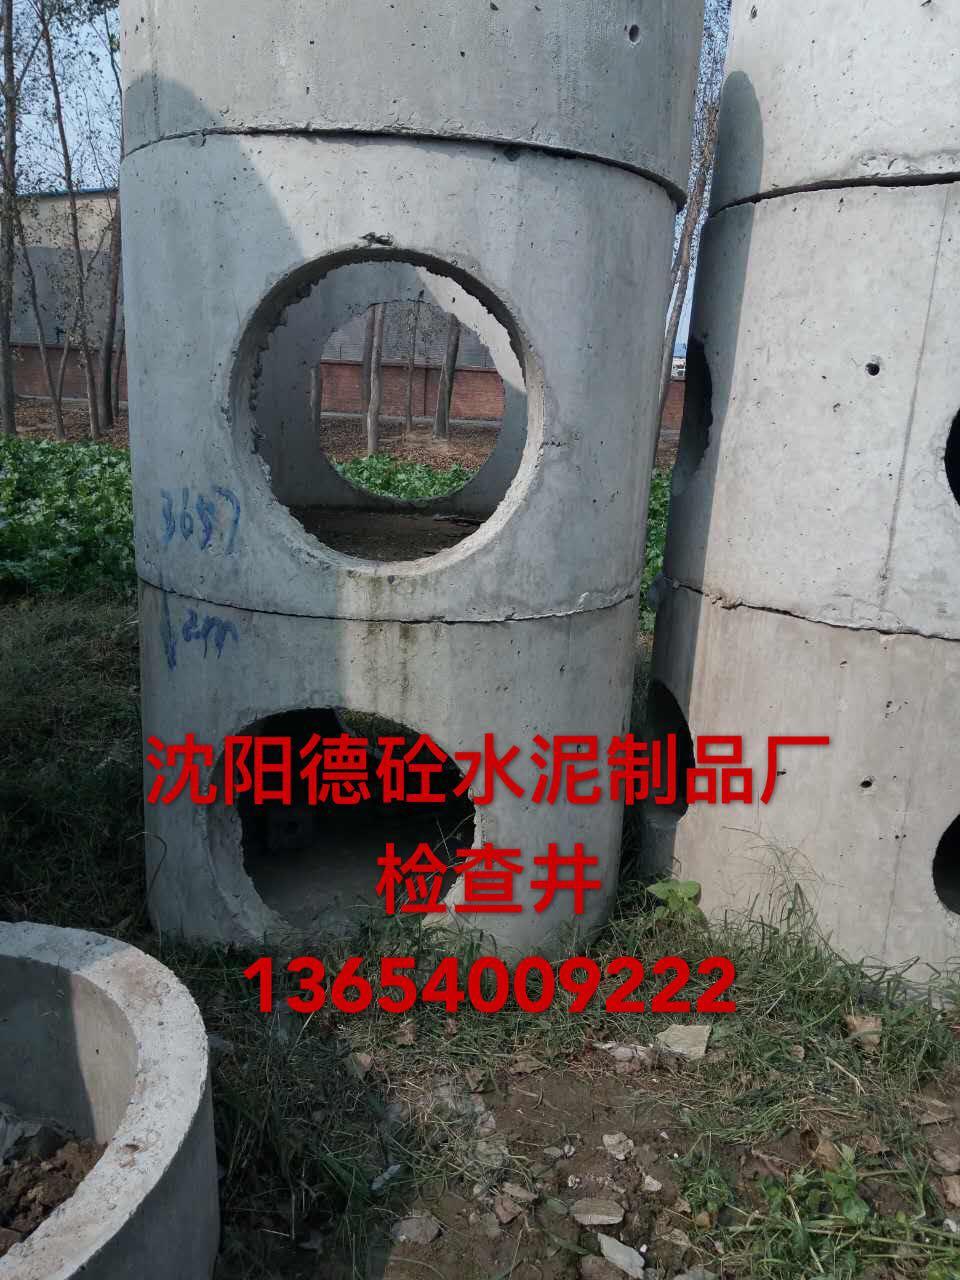 沈阳德砼水泥制品厂-检查井